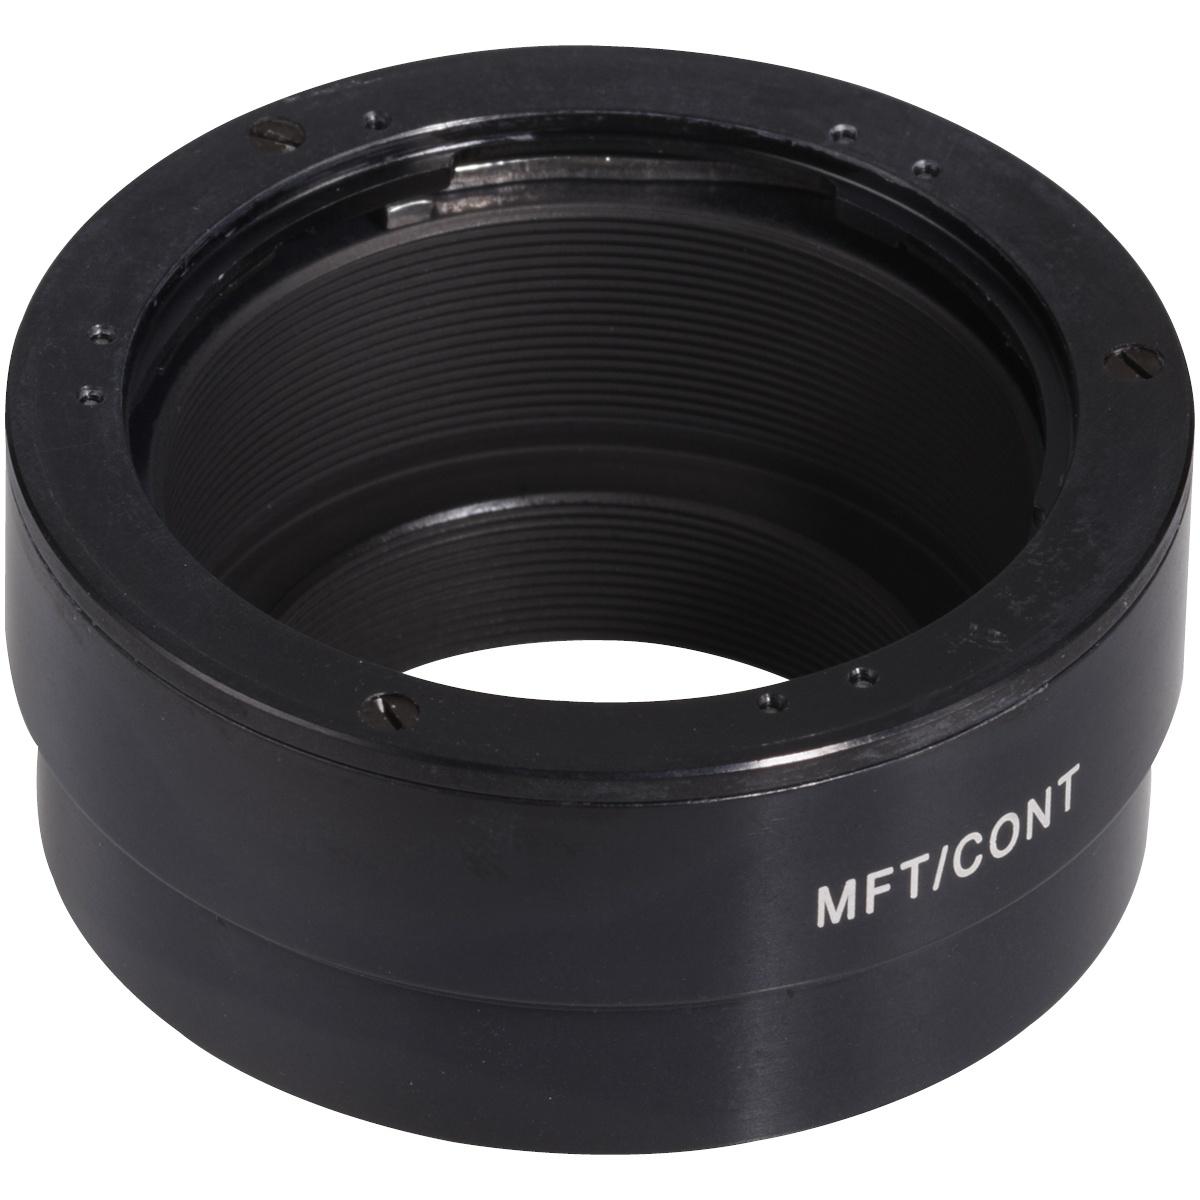 Novoflex Adapter Contax Objektive an MFT-Kameras